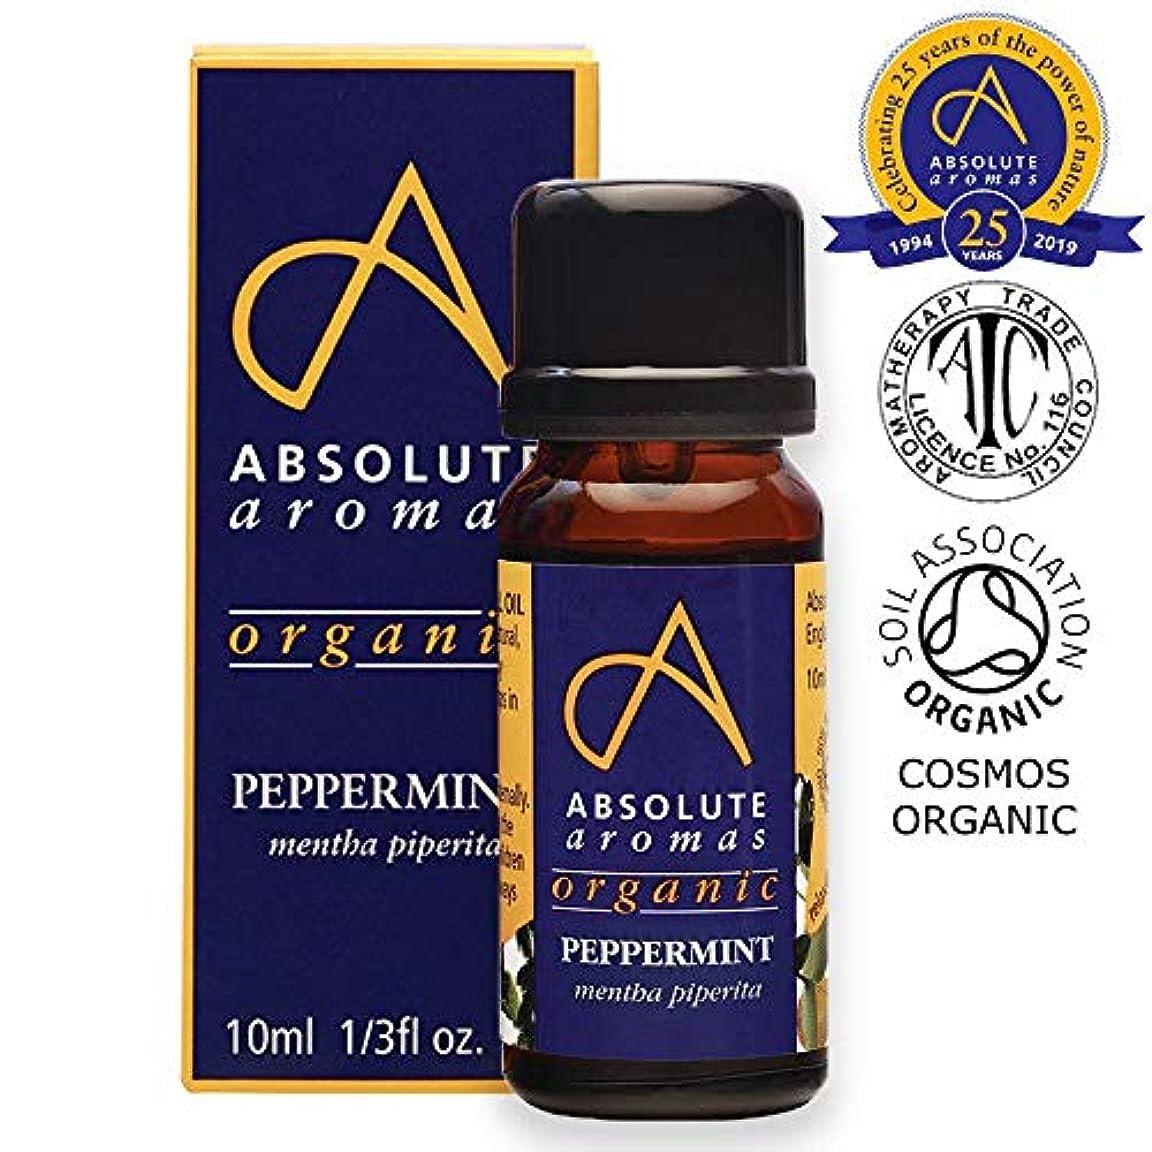 篭下嫌がらせAbsolute Aromas Organic Peppermint Essential Oil by Absolute Aromas